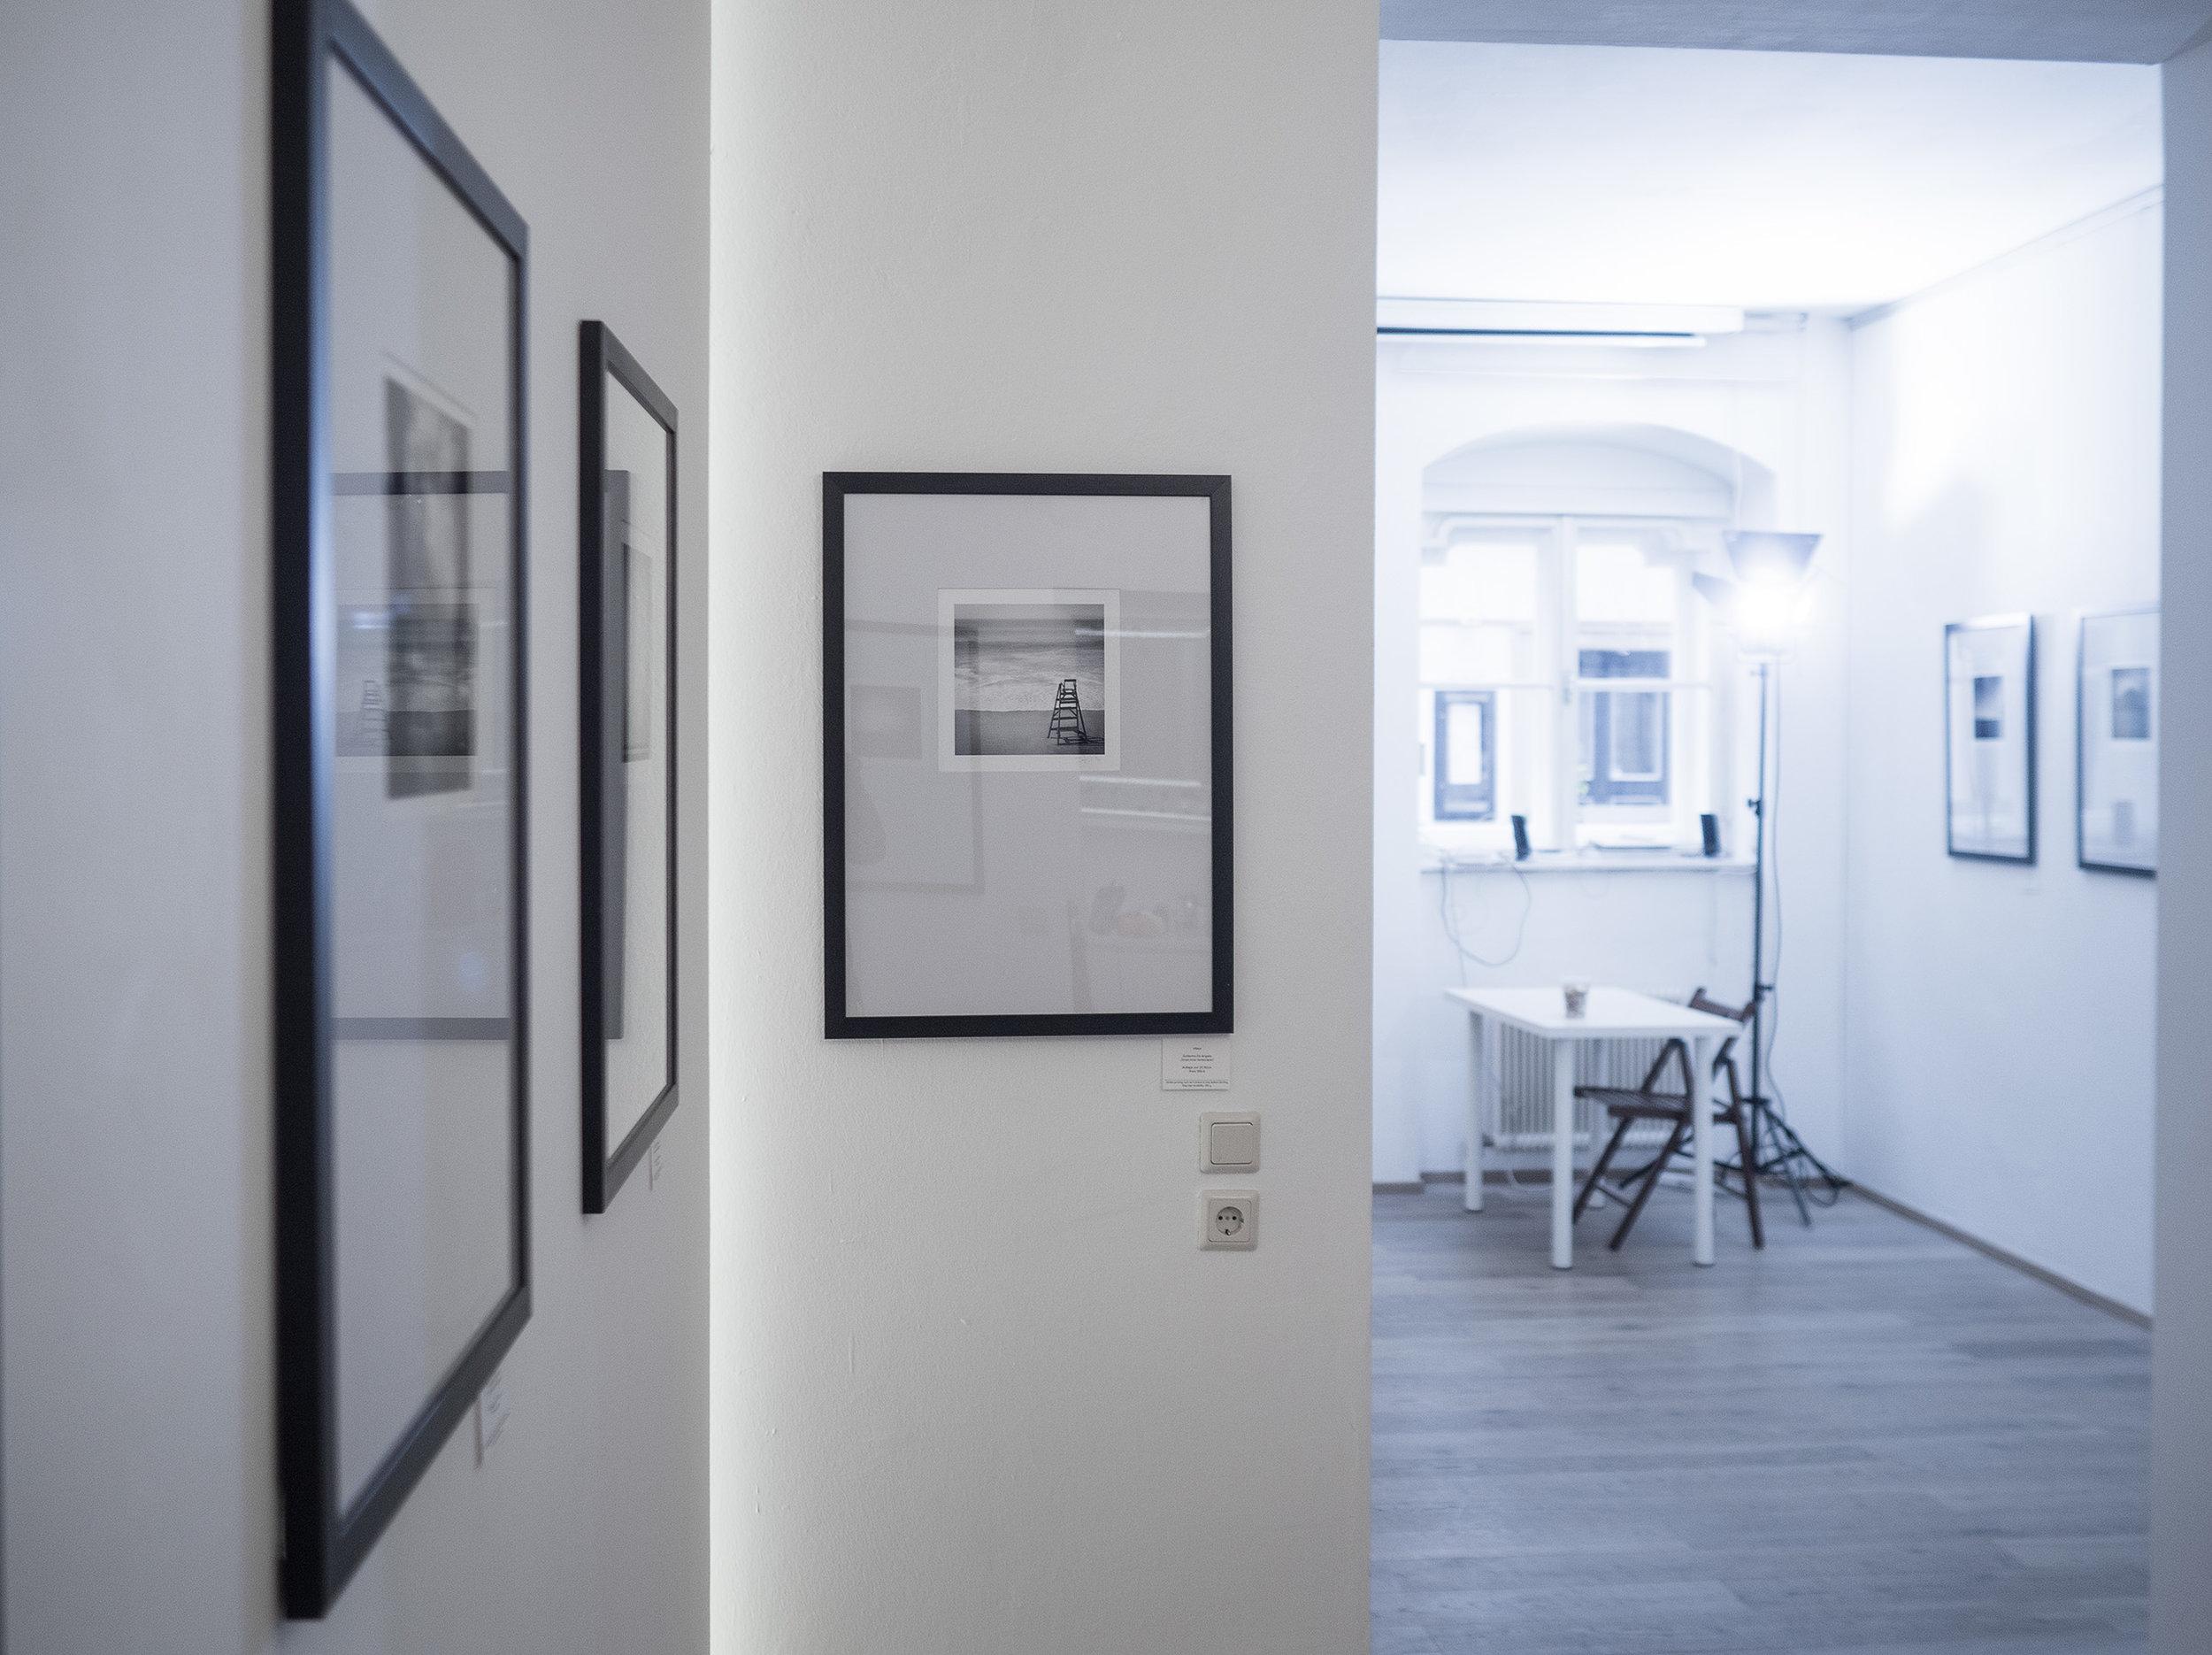 Galerie_LIK_deAngelis032.jpg